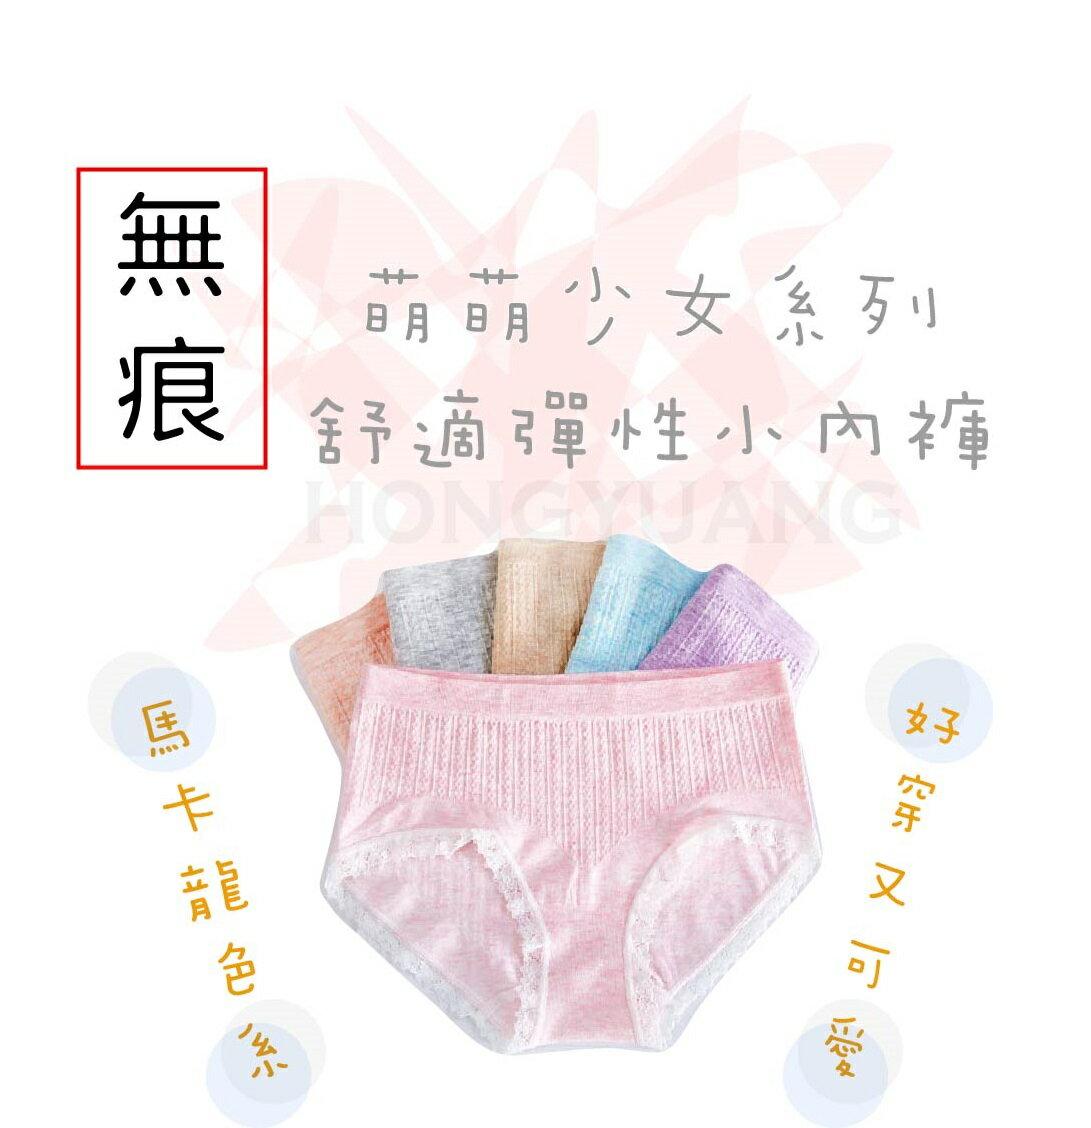 【現貨/預購】新款 馬卡龍色系 無痕純棉絲質內衣褲中低腰 少女內褲【H00042】